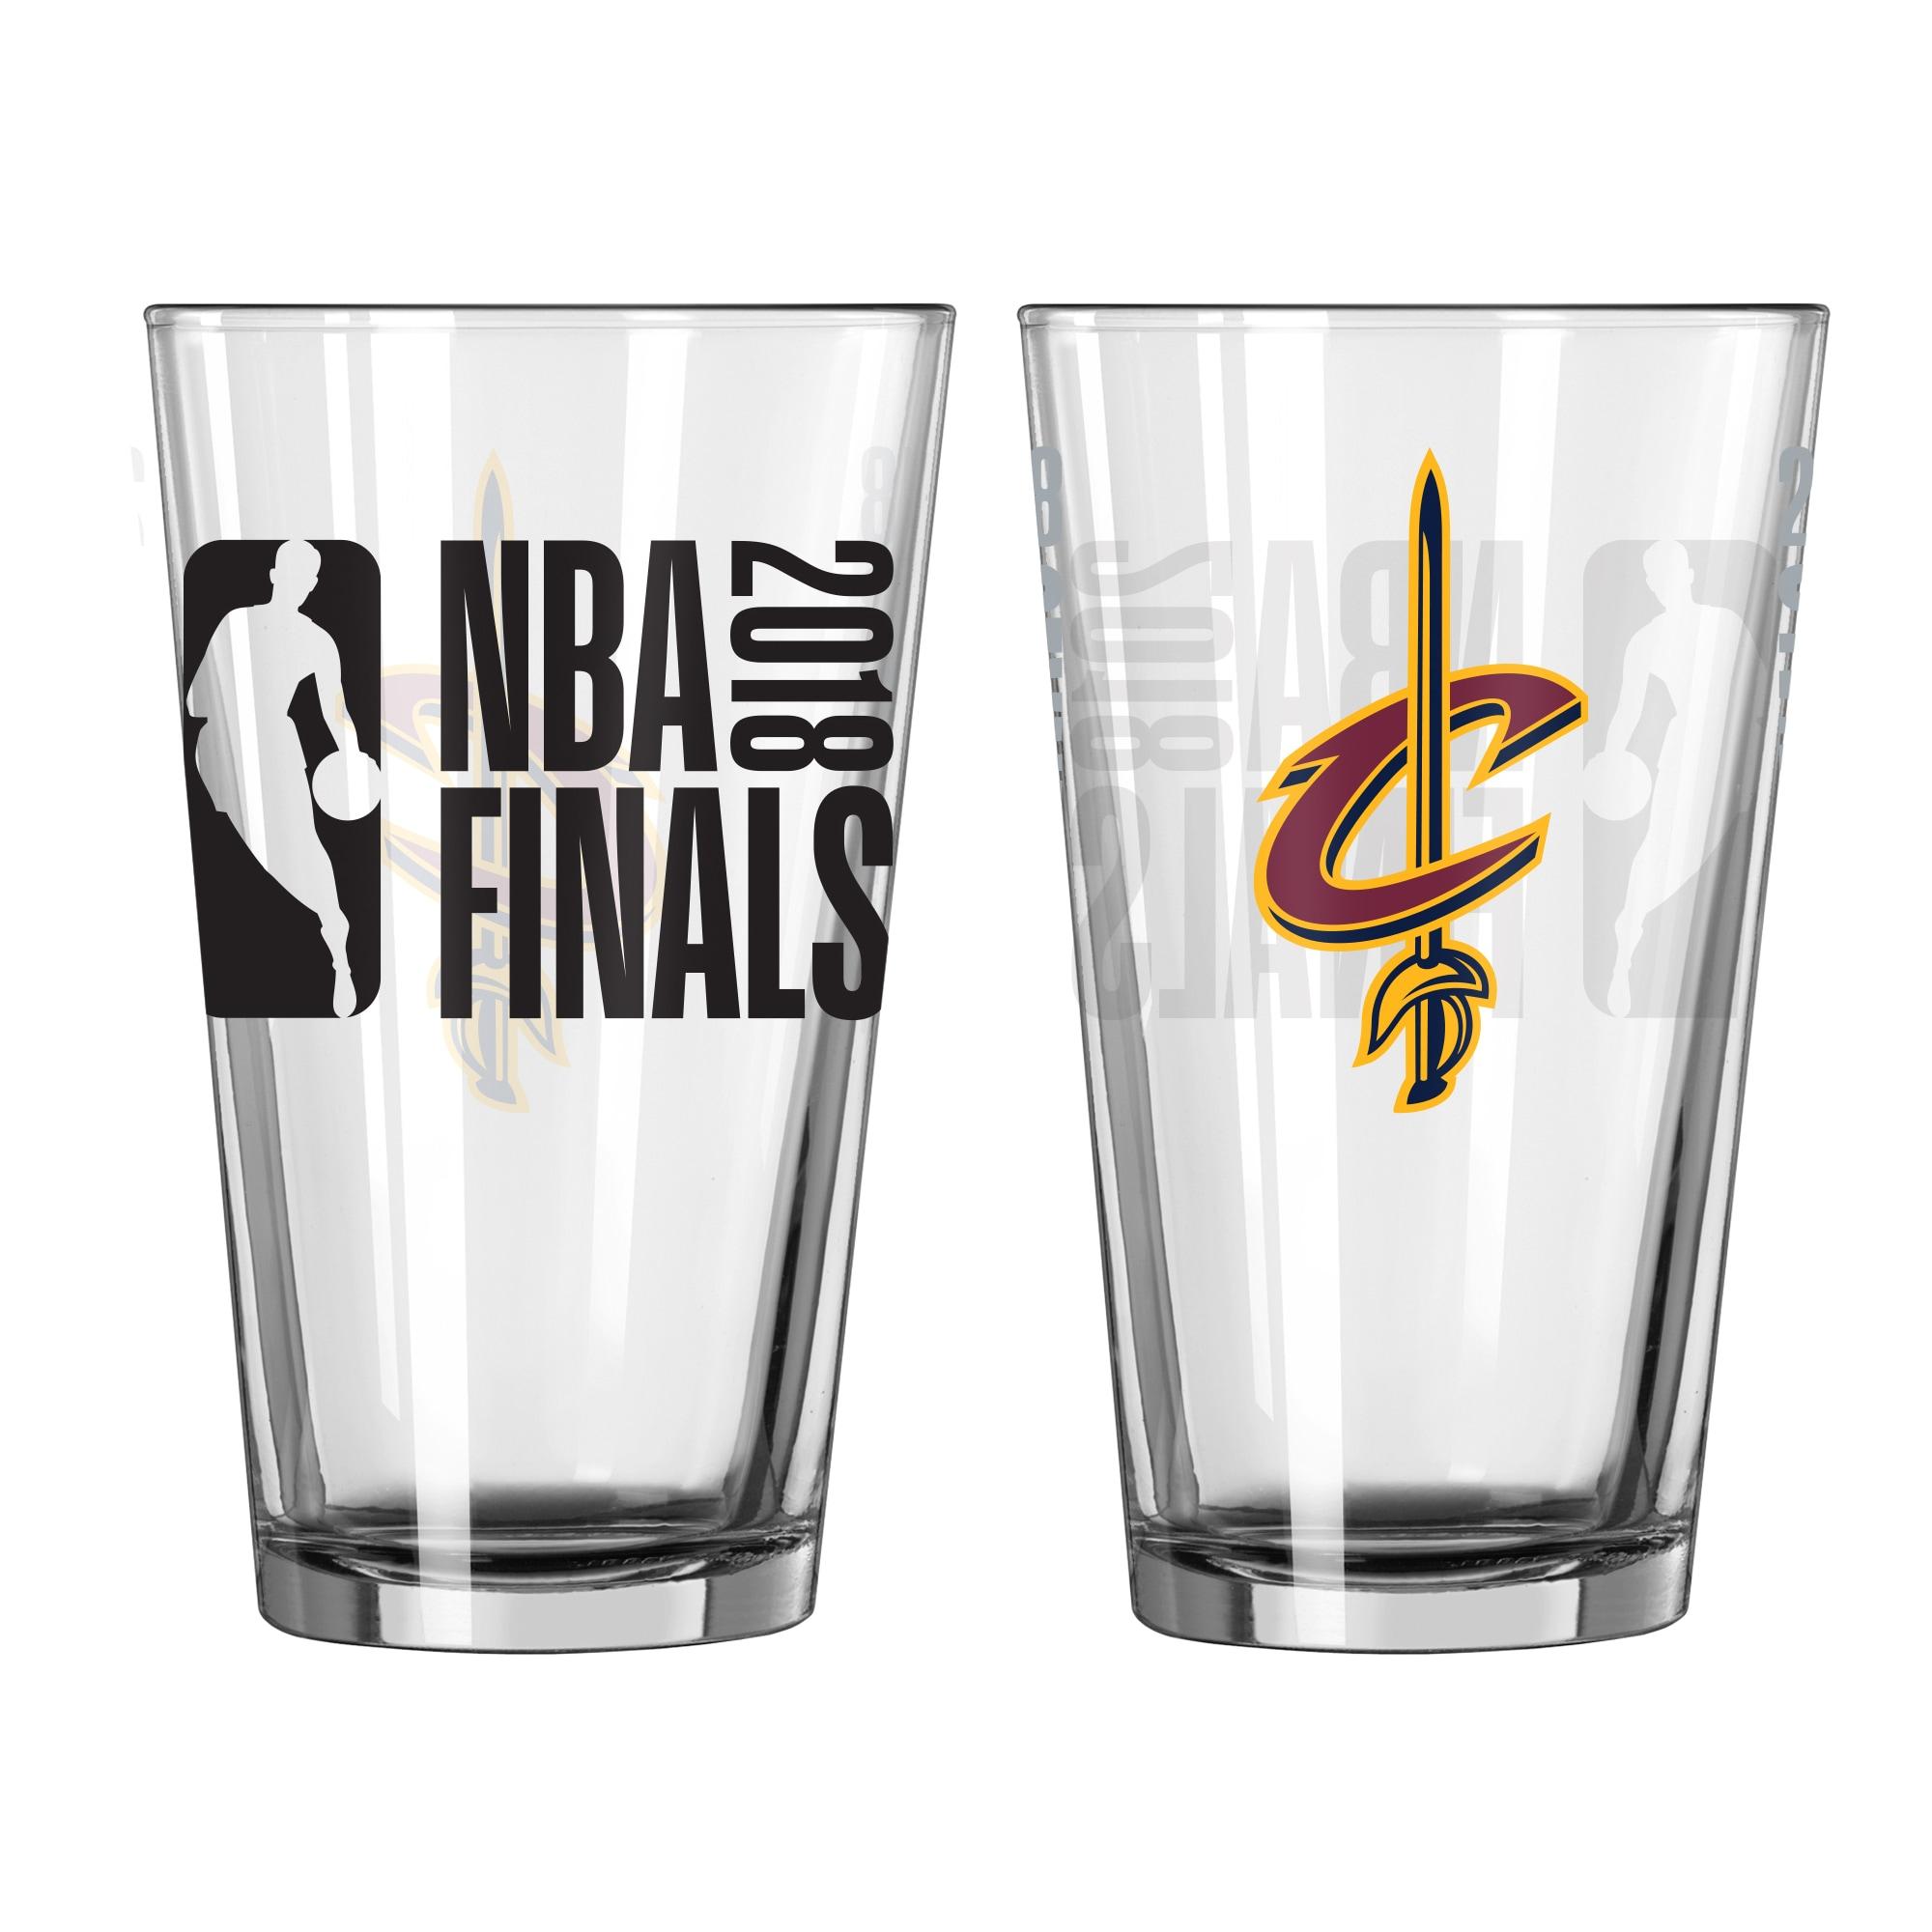 Cleveland Cavaliers 2018 NBA Finals Bound 16oz. Pint Glass